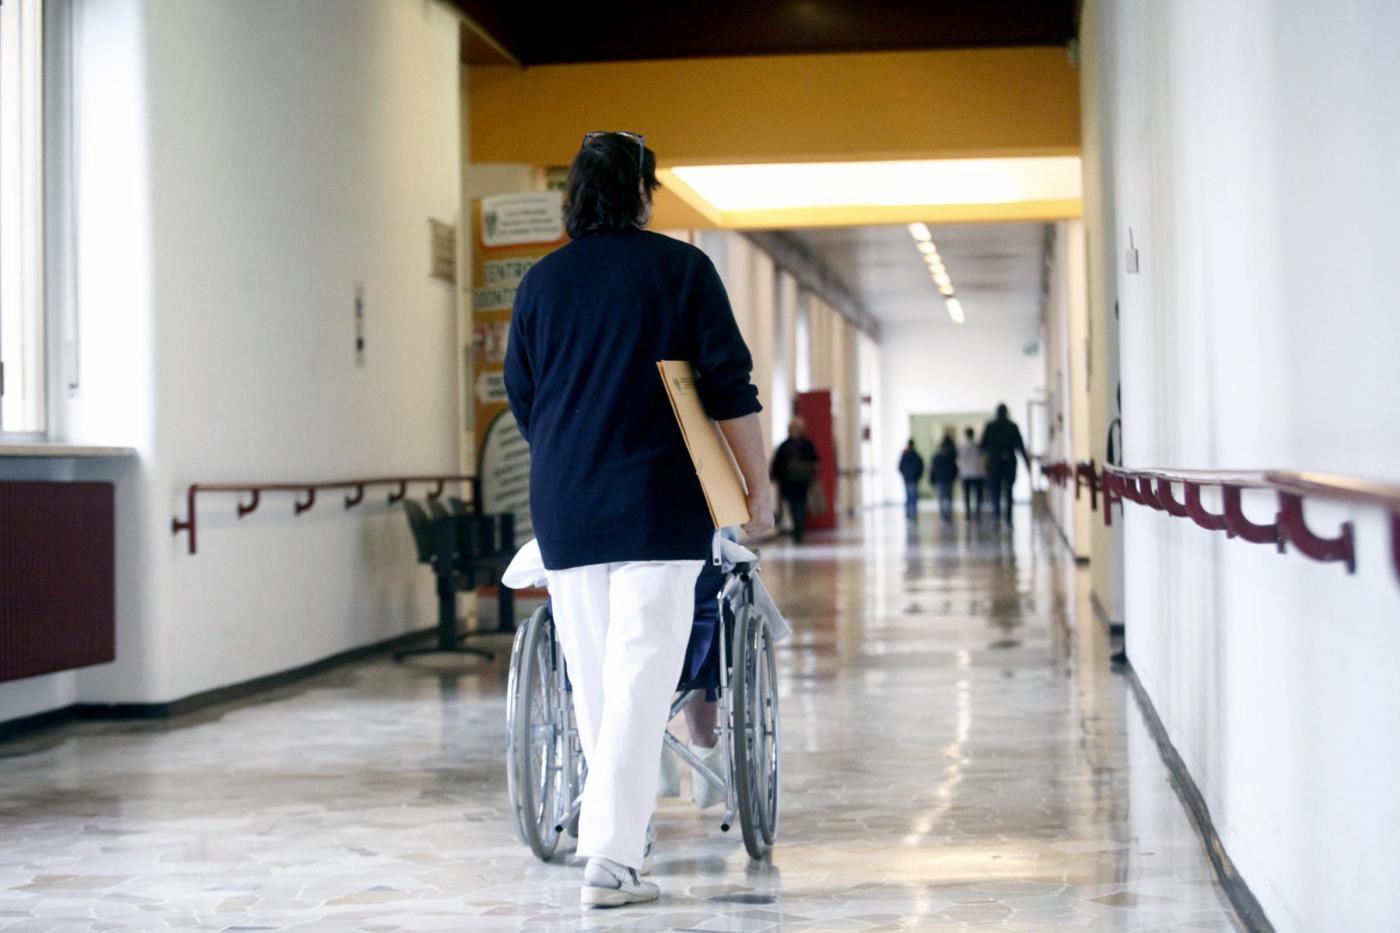 Encefalopatia epatica, la malattia al fegato colpisce 8-10mila italiani ogni anno